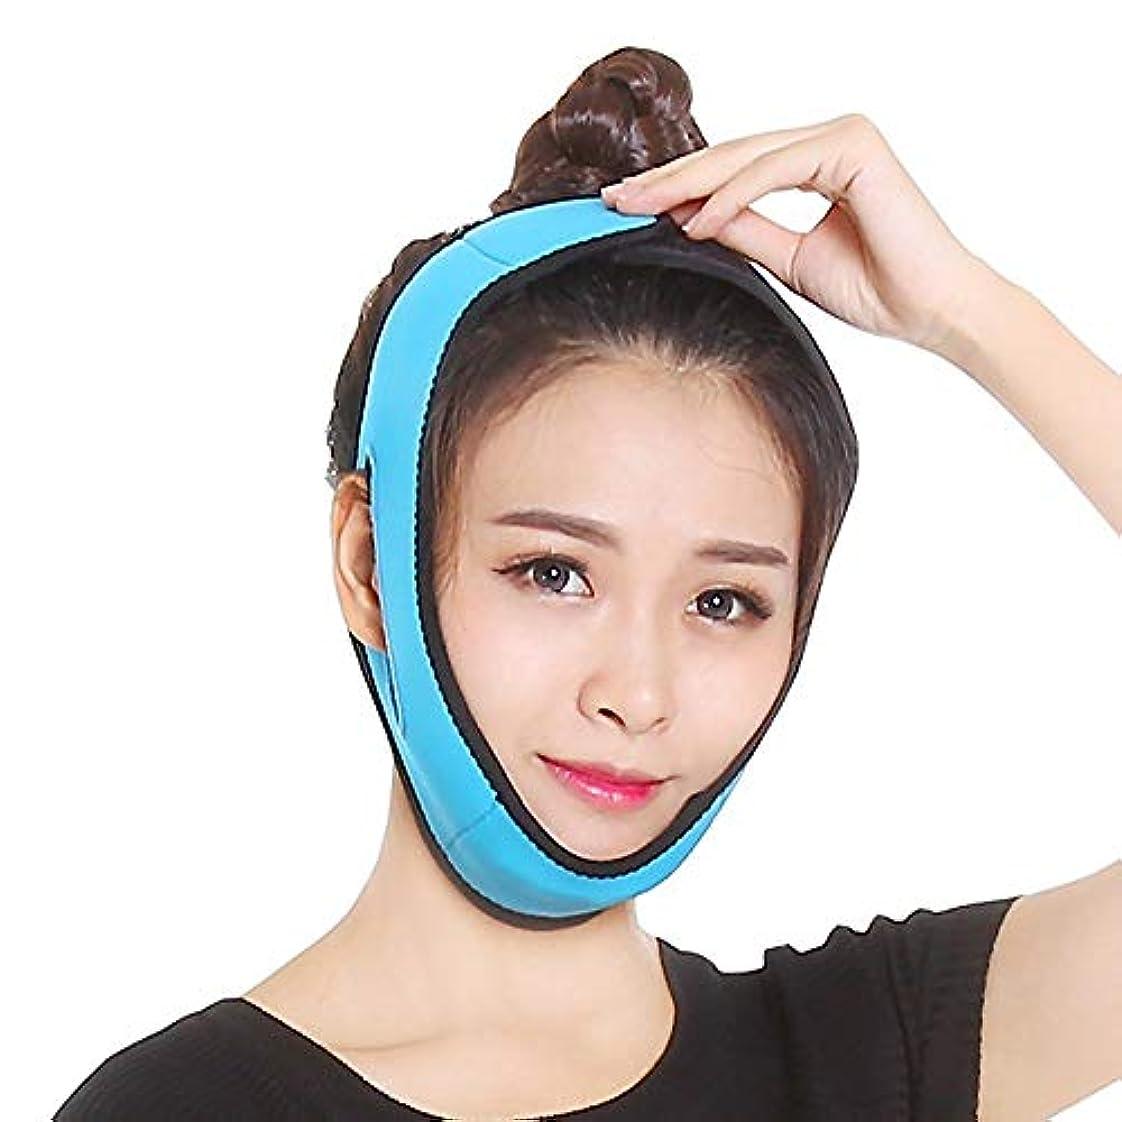 そんなに危険プラットフォームJia Jia- フェイシャルリフティングスリミングベルト - 薄いフェイス包帯二重あごデバイス無料フェイシャルマッサージ整形マスクを引き締める顔と首の顔スリム 顔面包帯